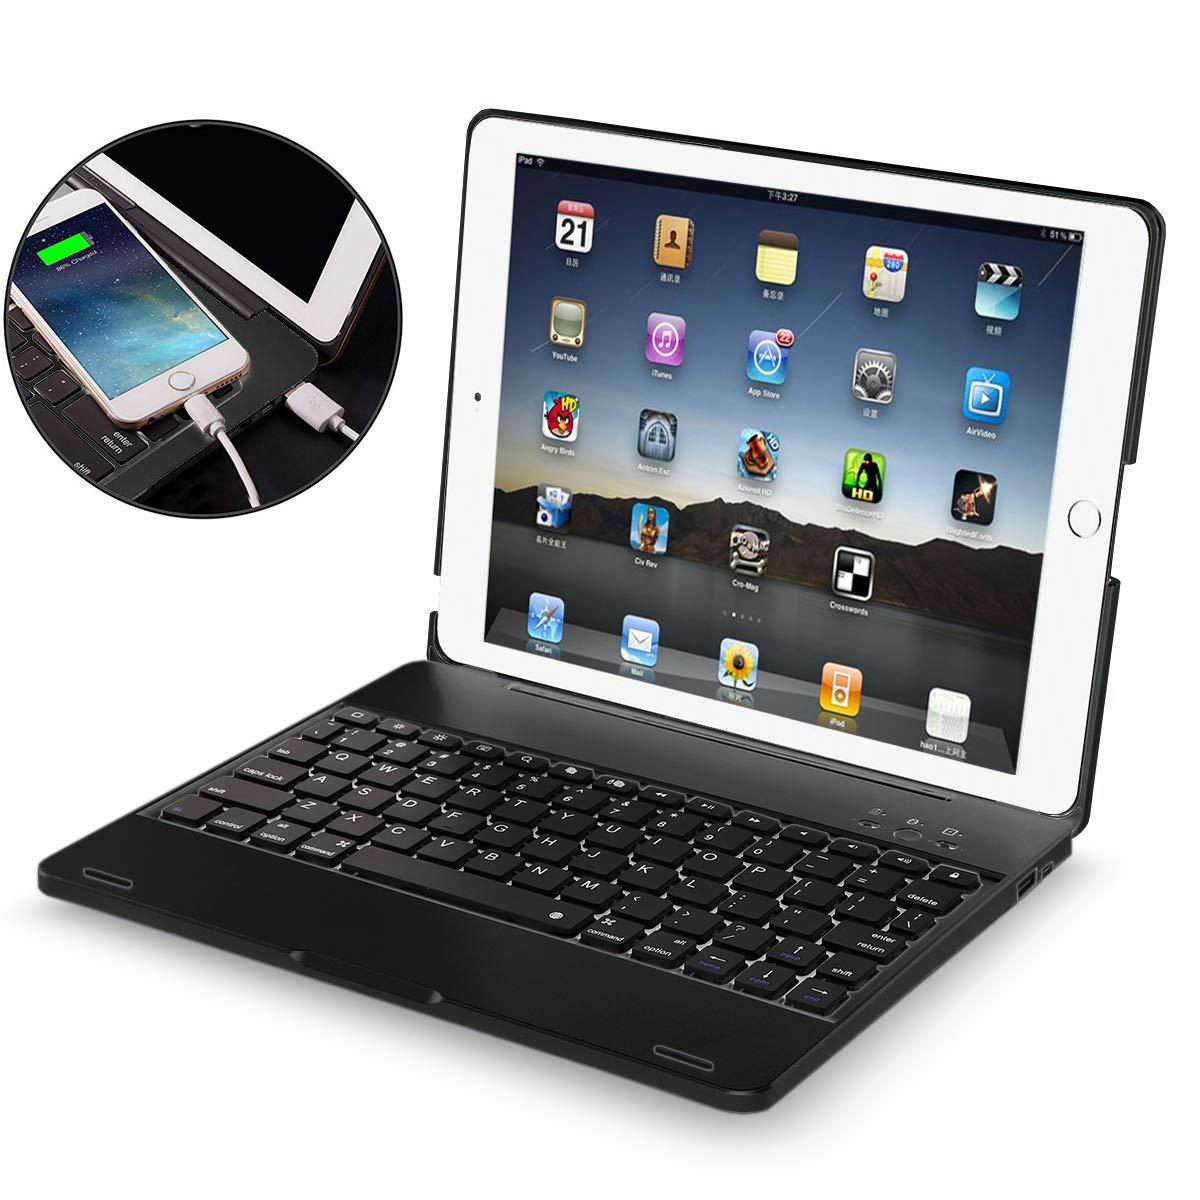 最愛 iPad 2 3 4 キーボードケース - iPad 4ケース 2 iPad 3 - 4ケース ワイヤレス/BTキーボード付き - iPad 2 3 4ケース Powerbank[2800mAh] - iPadキーボード 第2 第3 第4世代ケース - ハードクラムシェル保護カバー for iPad 2/3/4 ブラック H10 for iPad 2/3/4丨Black B07Q3K6GQS, アクセサリーショップfarice:14c64b65 --- a0267596.xsph.ru